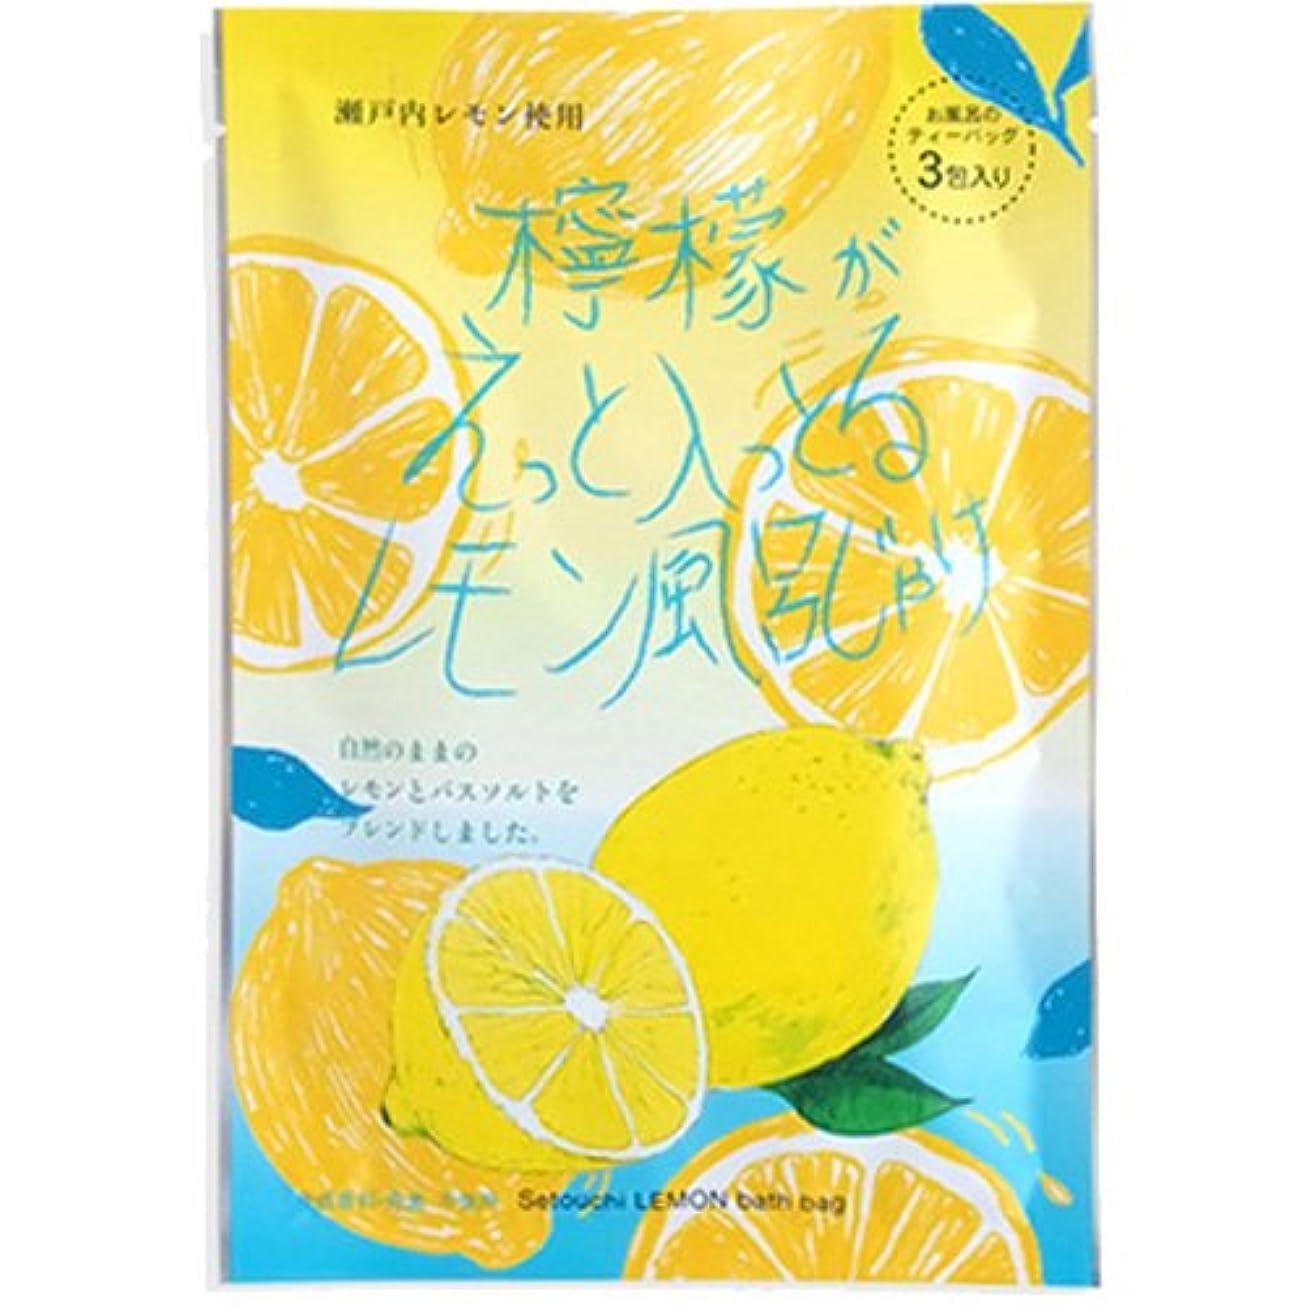 の面ではパッド超える檸檬がえっと入っとるレモン風呂じゃけ